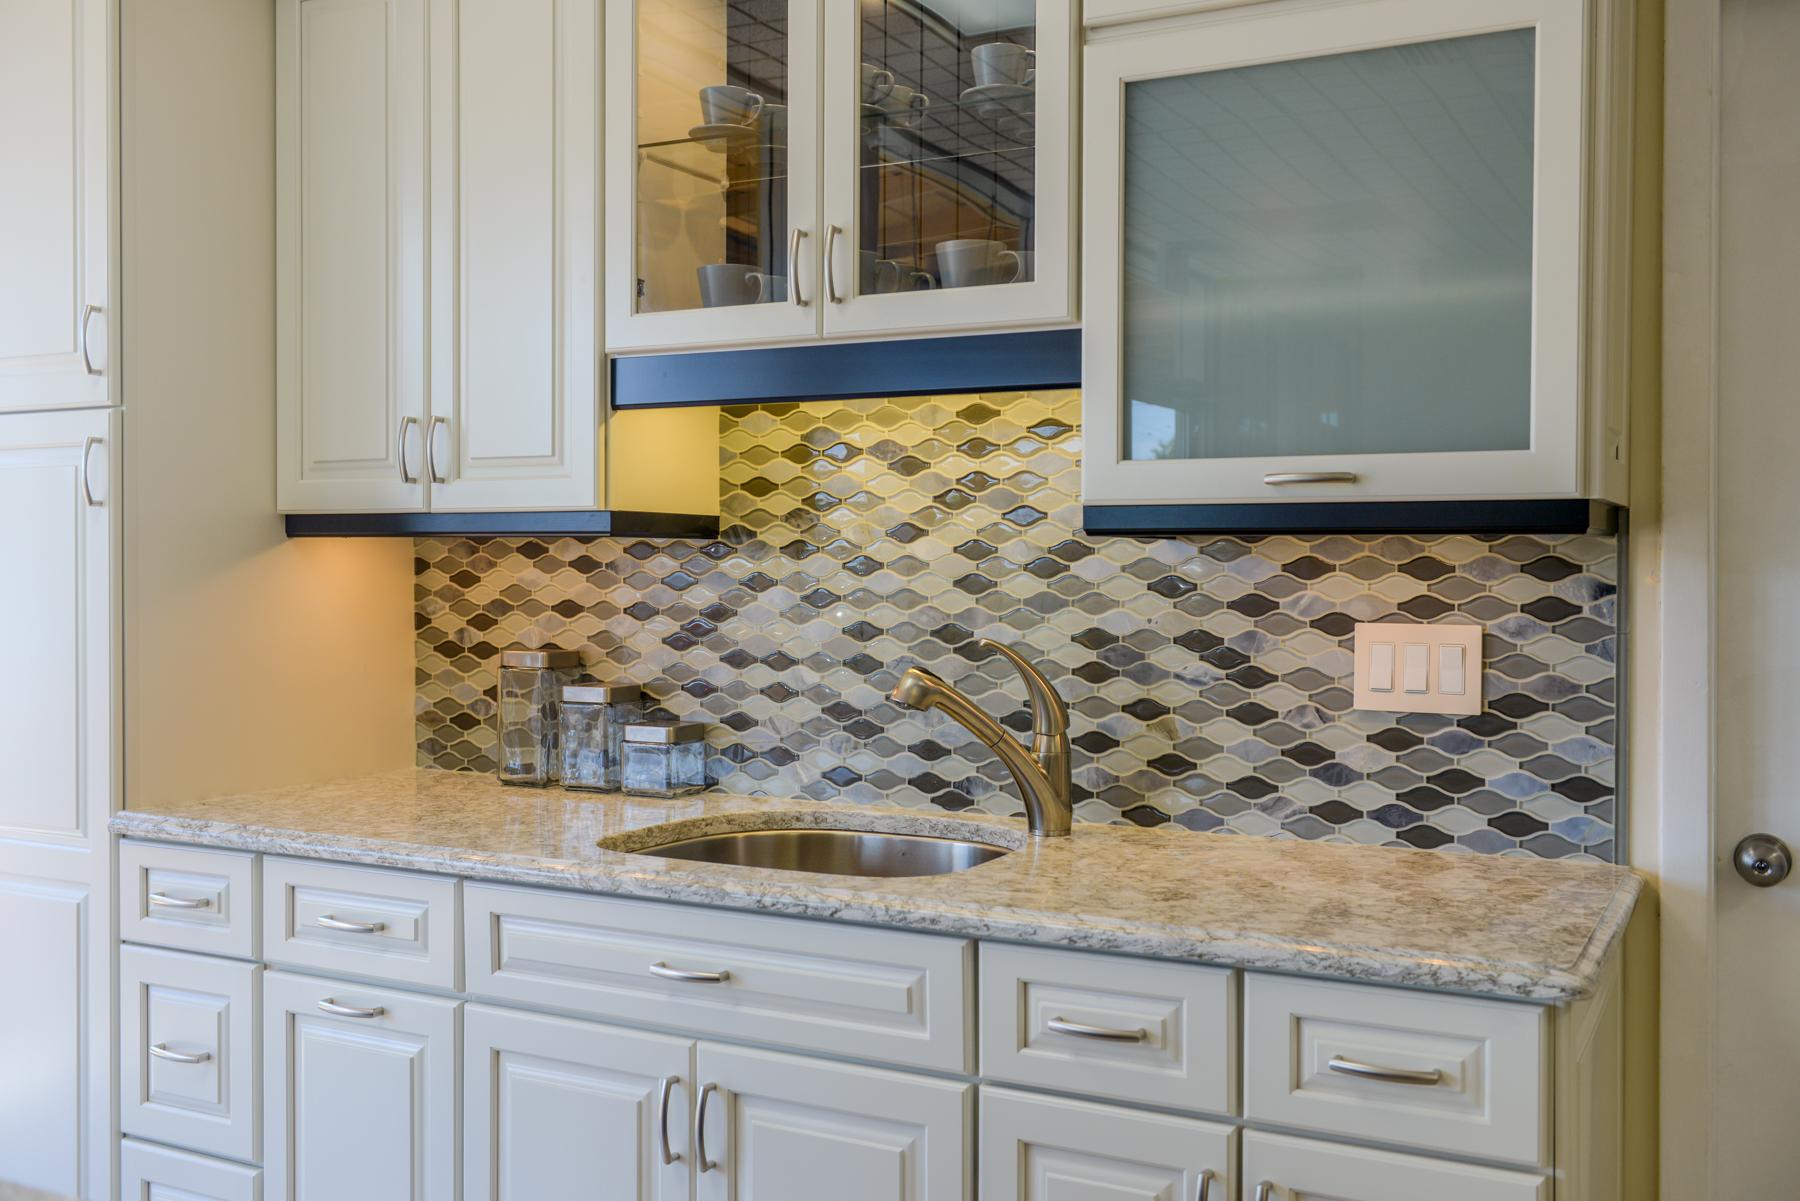 Kitchen showroom bathroom showroom bradenton fl - Kitchen designs unlimited ...